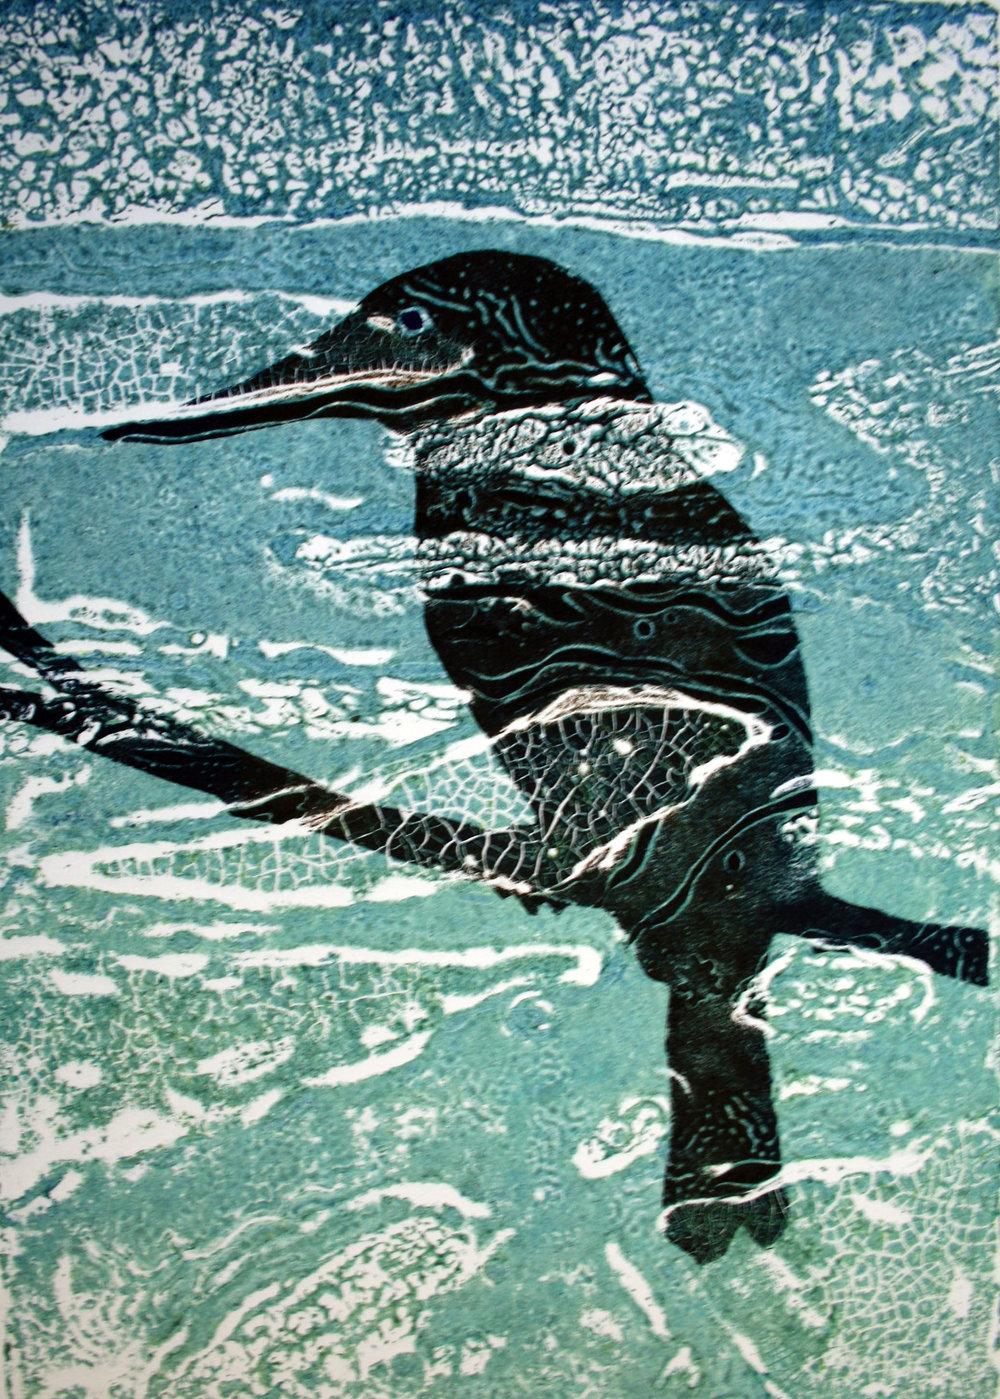 'Kingfisher'